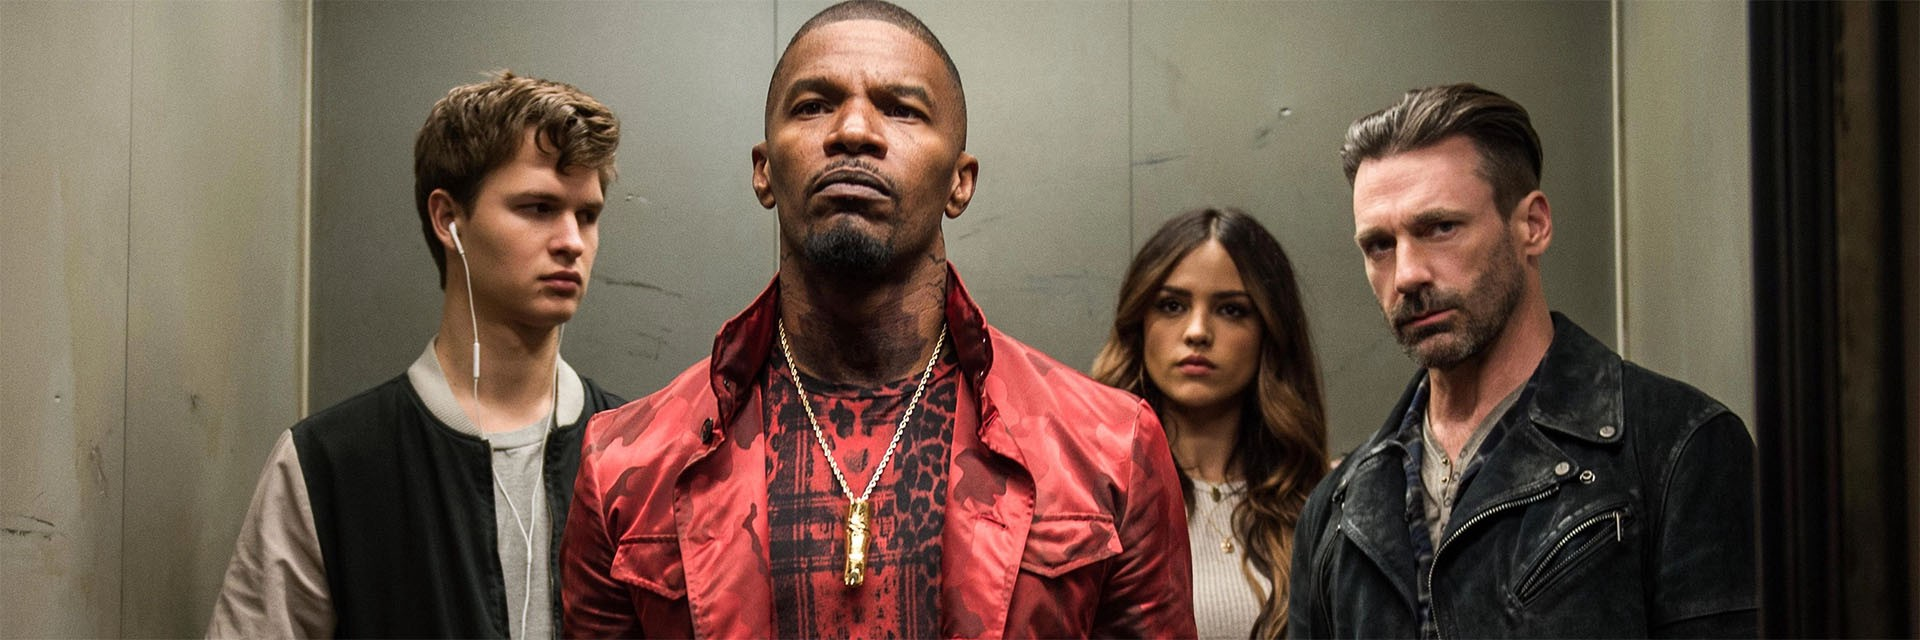 Cena do filme Em Ritmo de Fuga, ou Baby Driver, do diretor Edgar Wright, que mostra uma equipe de assalto em um elevador